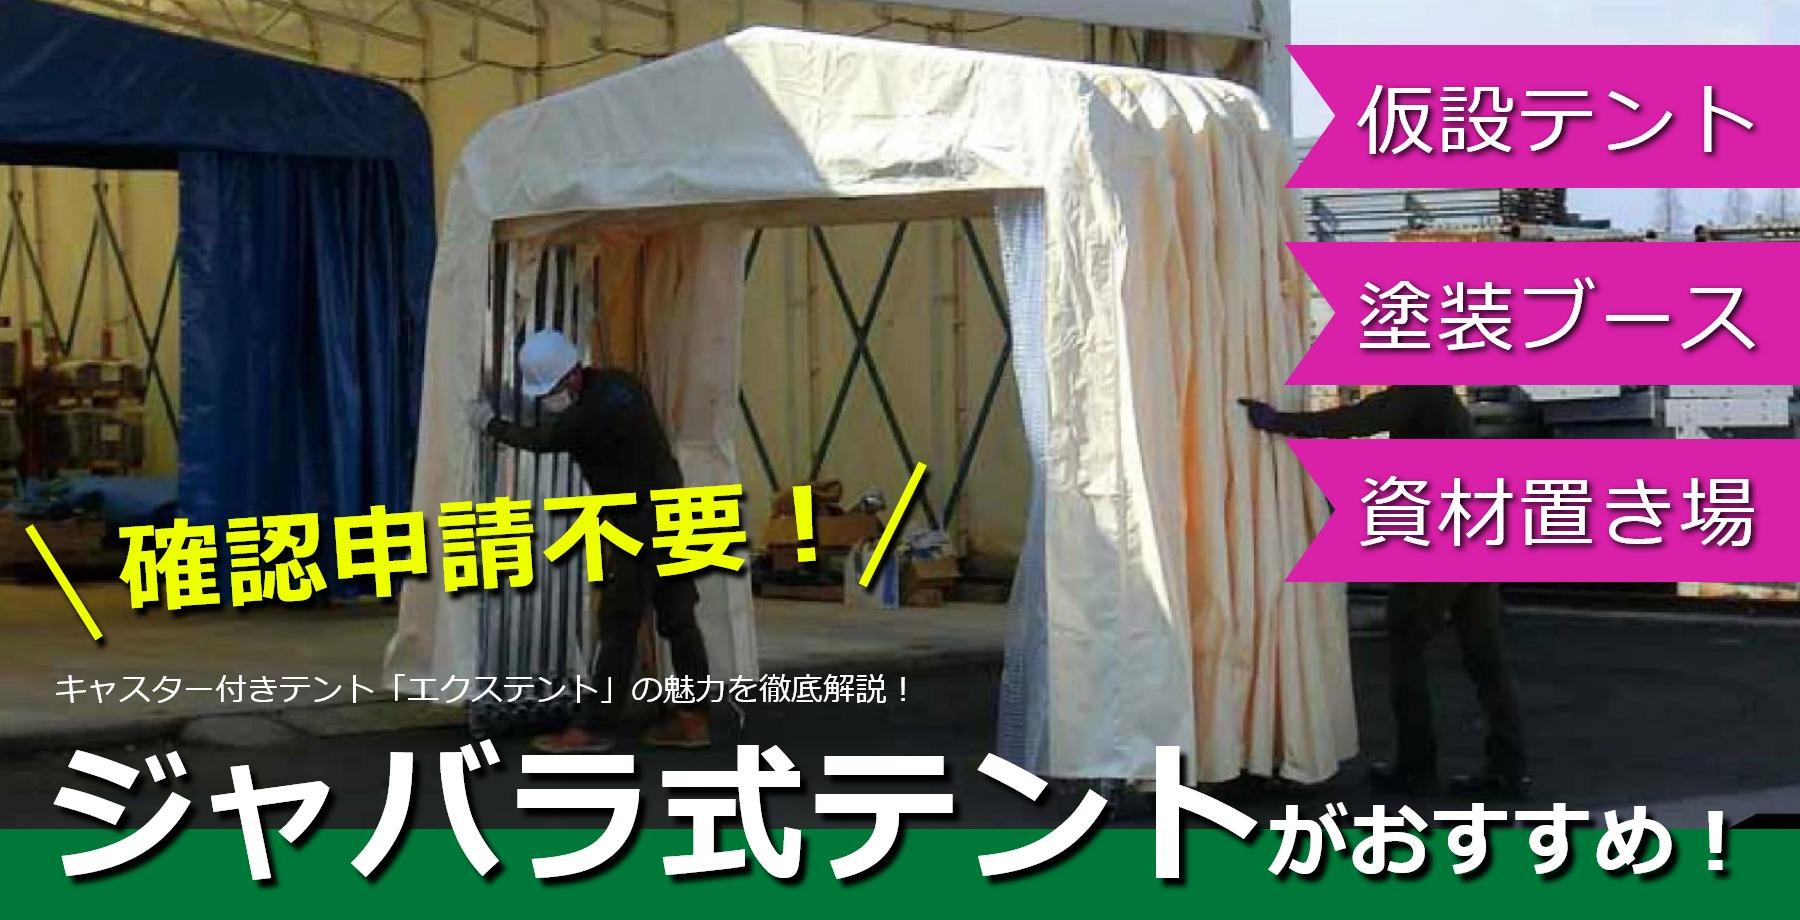 ジャバラで可動式テント倉庫「エクステント」